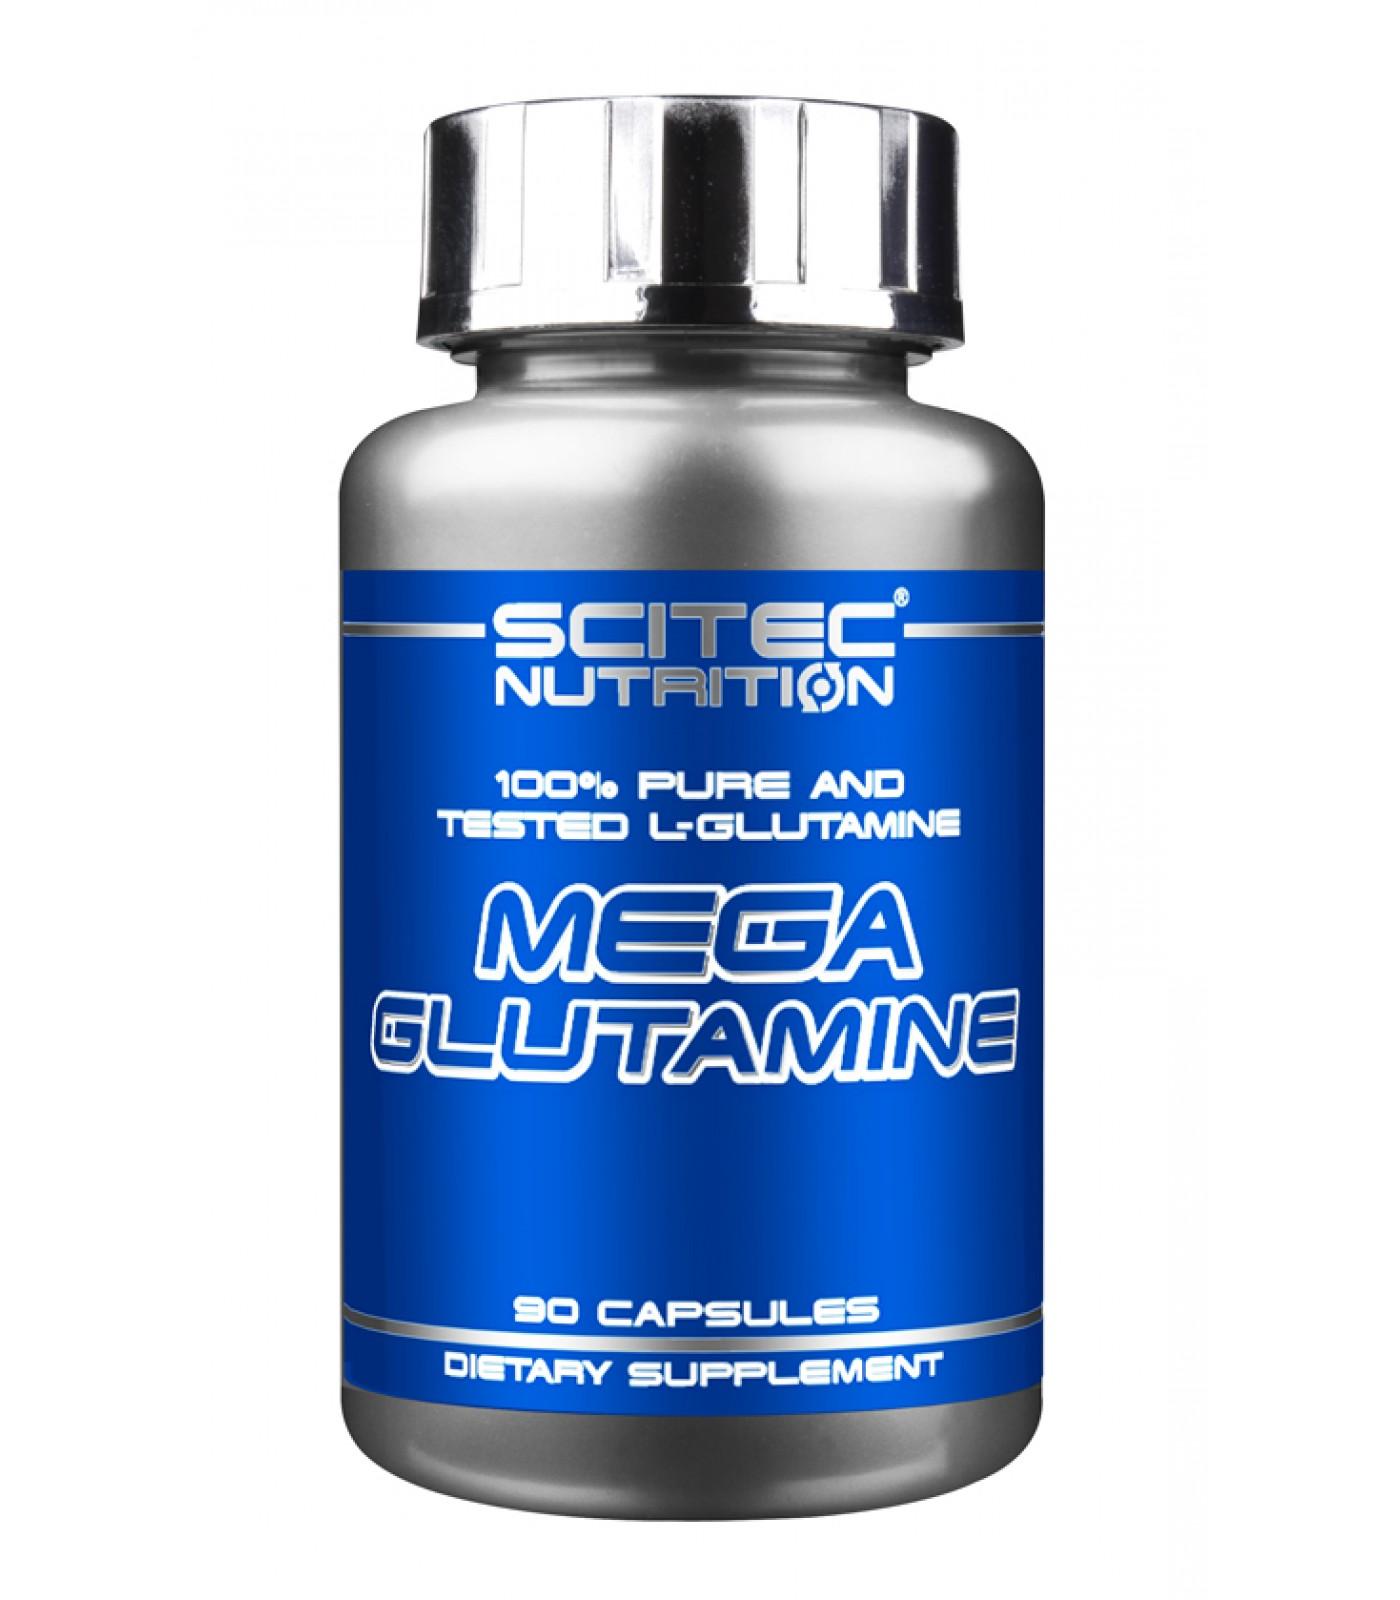 Scitec - Mega Glutamine / 90 caps